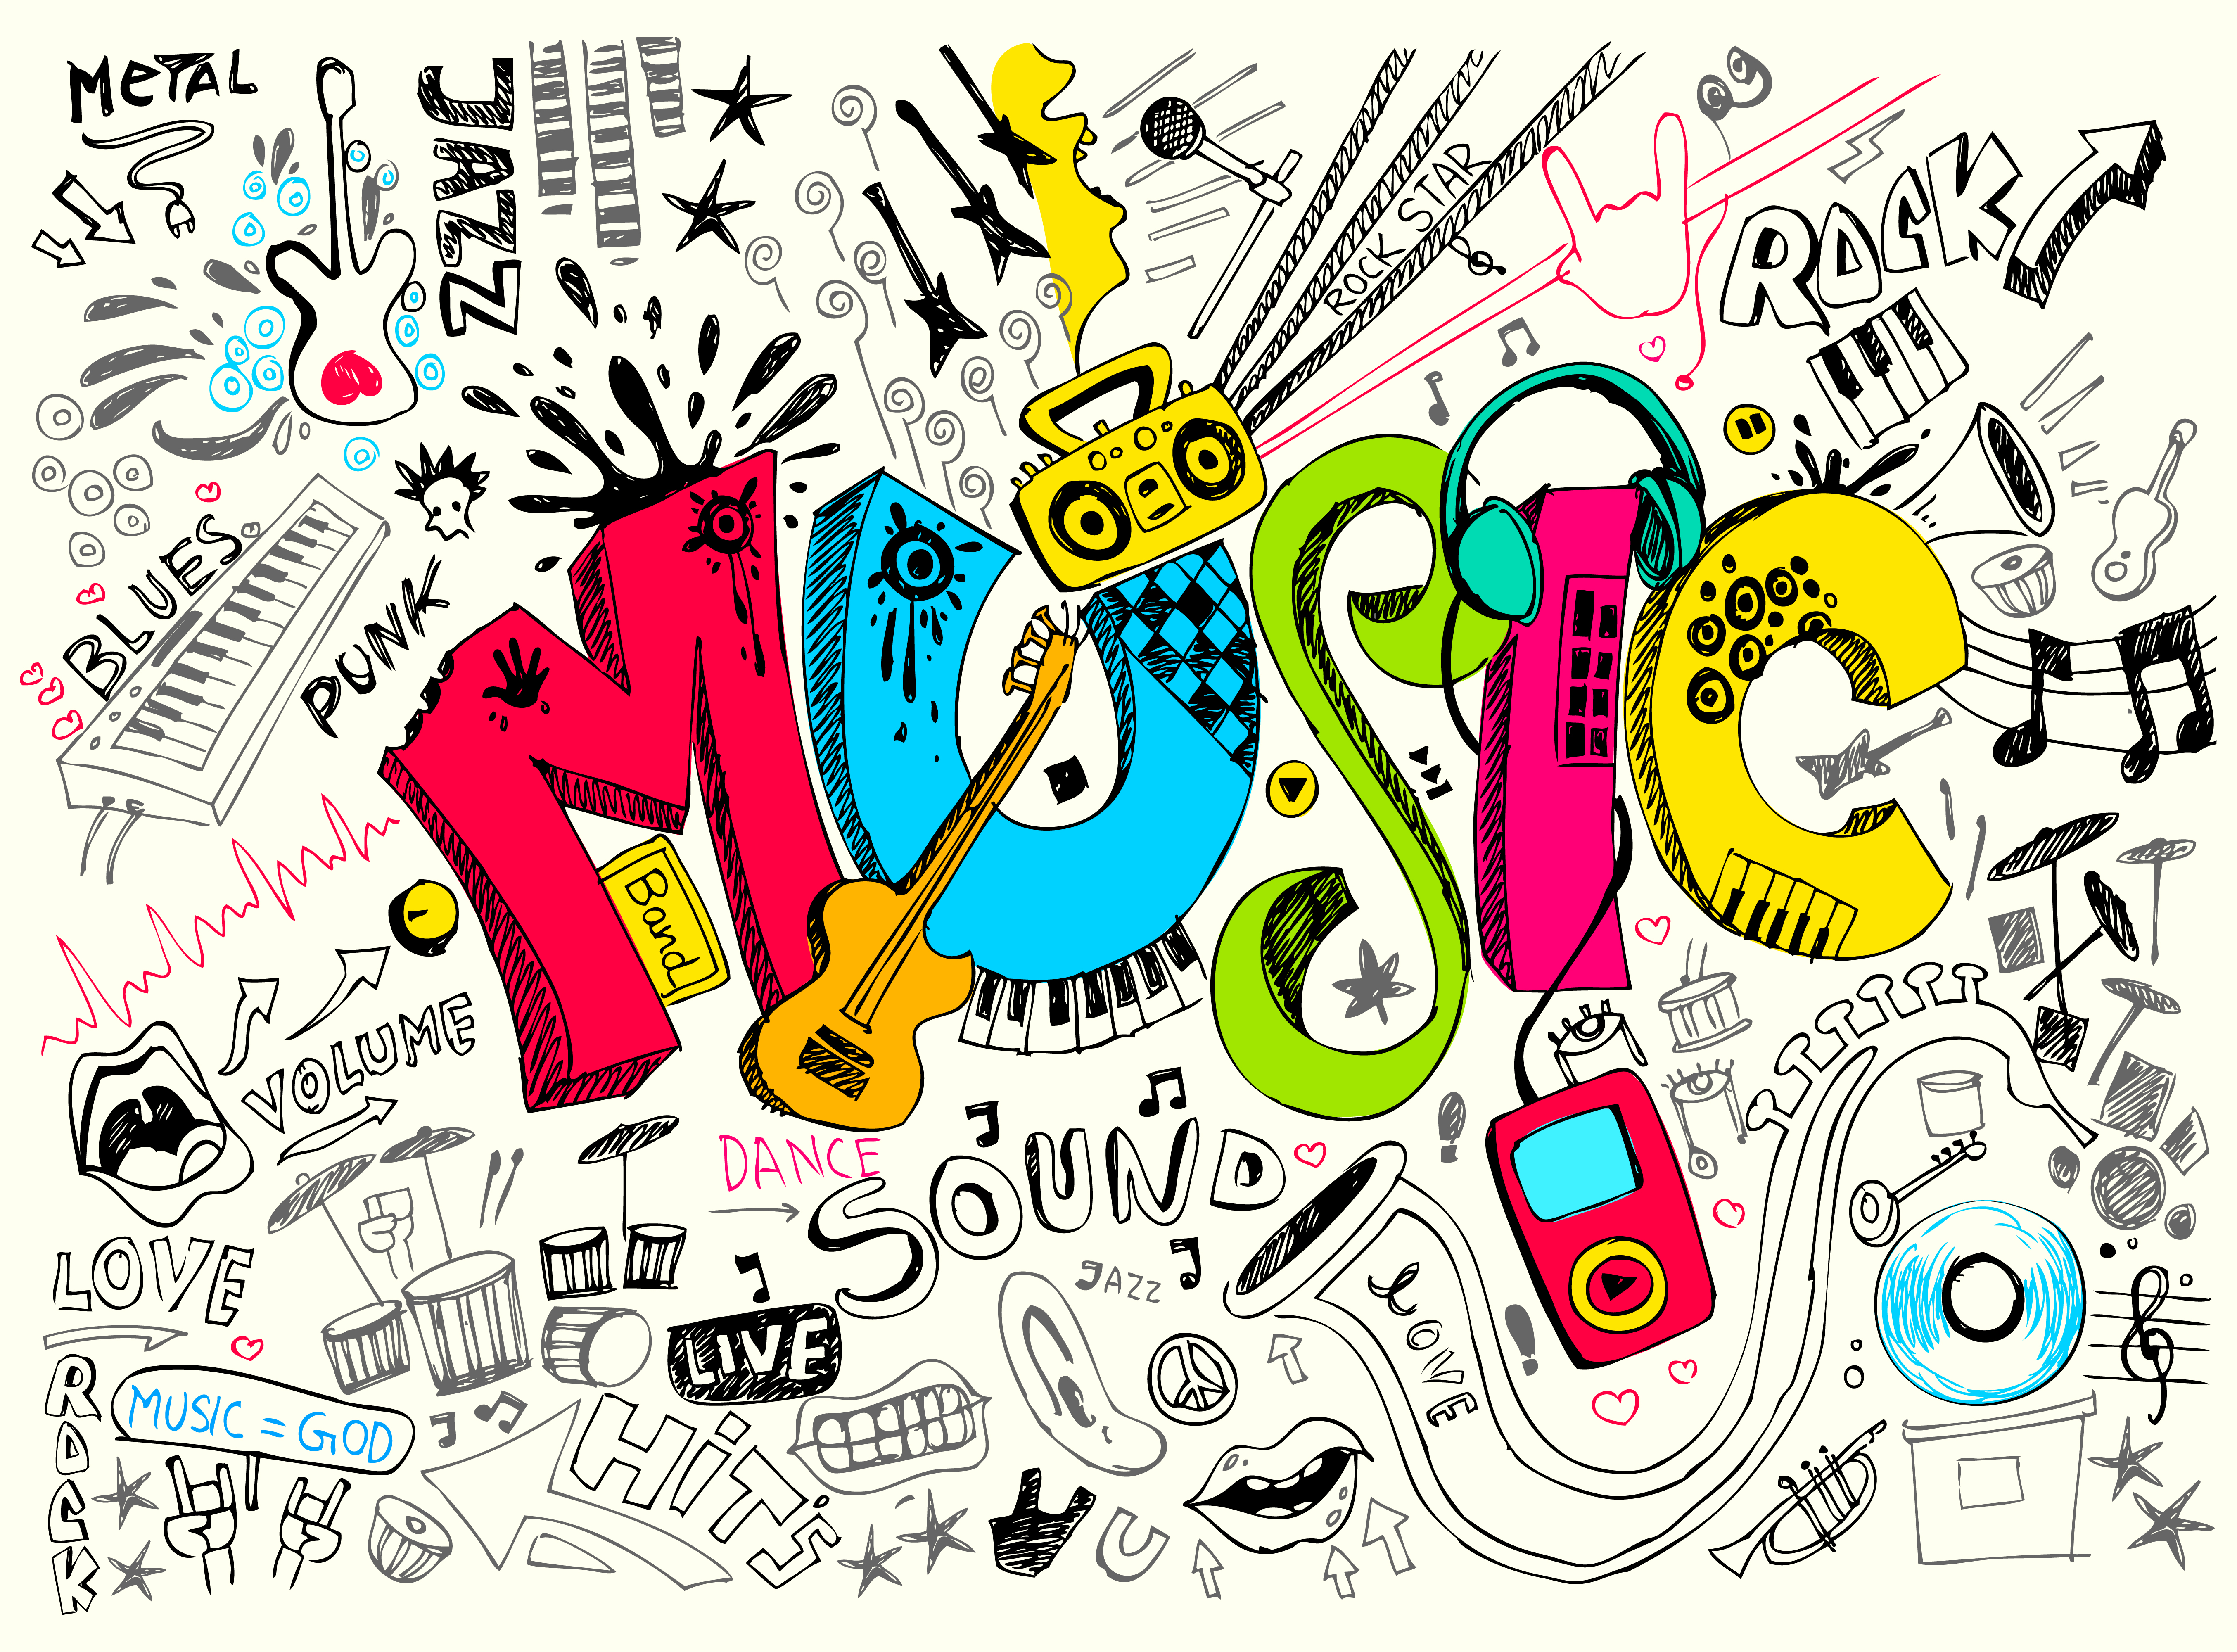 Où trouver des musiques libres de droit pour ses vidéos ? 5 sites avec un large choix à moindre coût ! 1